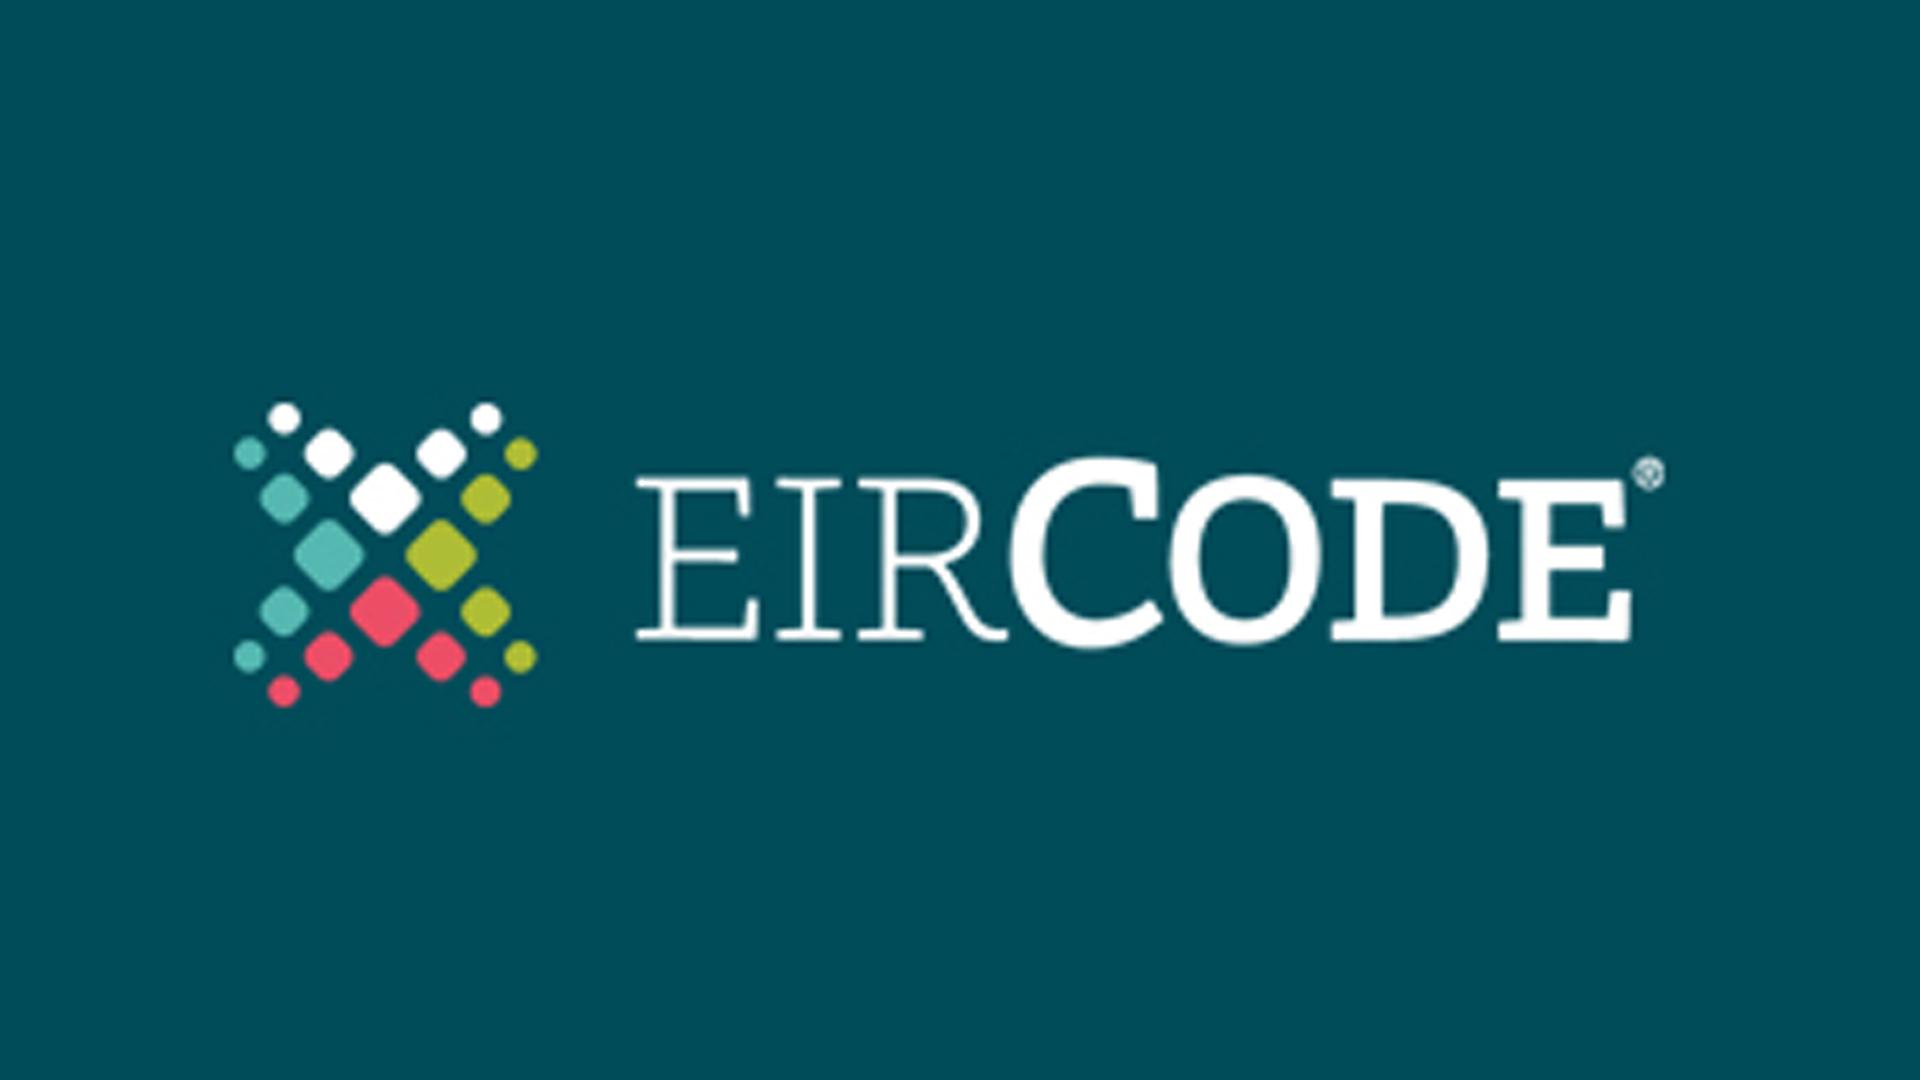 eircode-logo